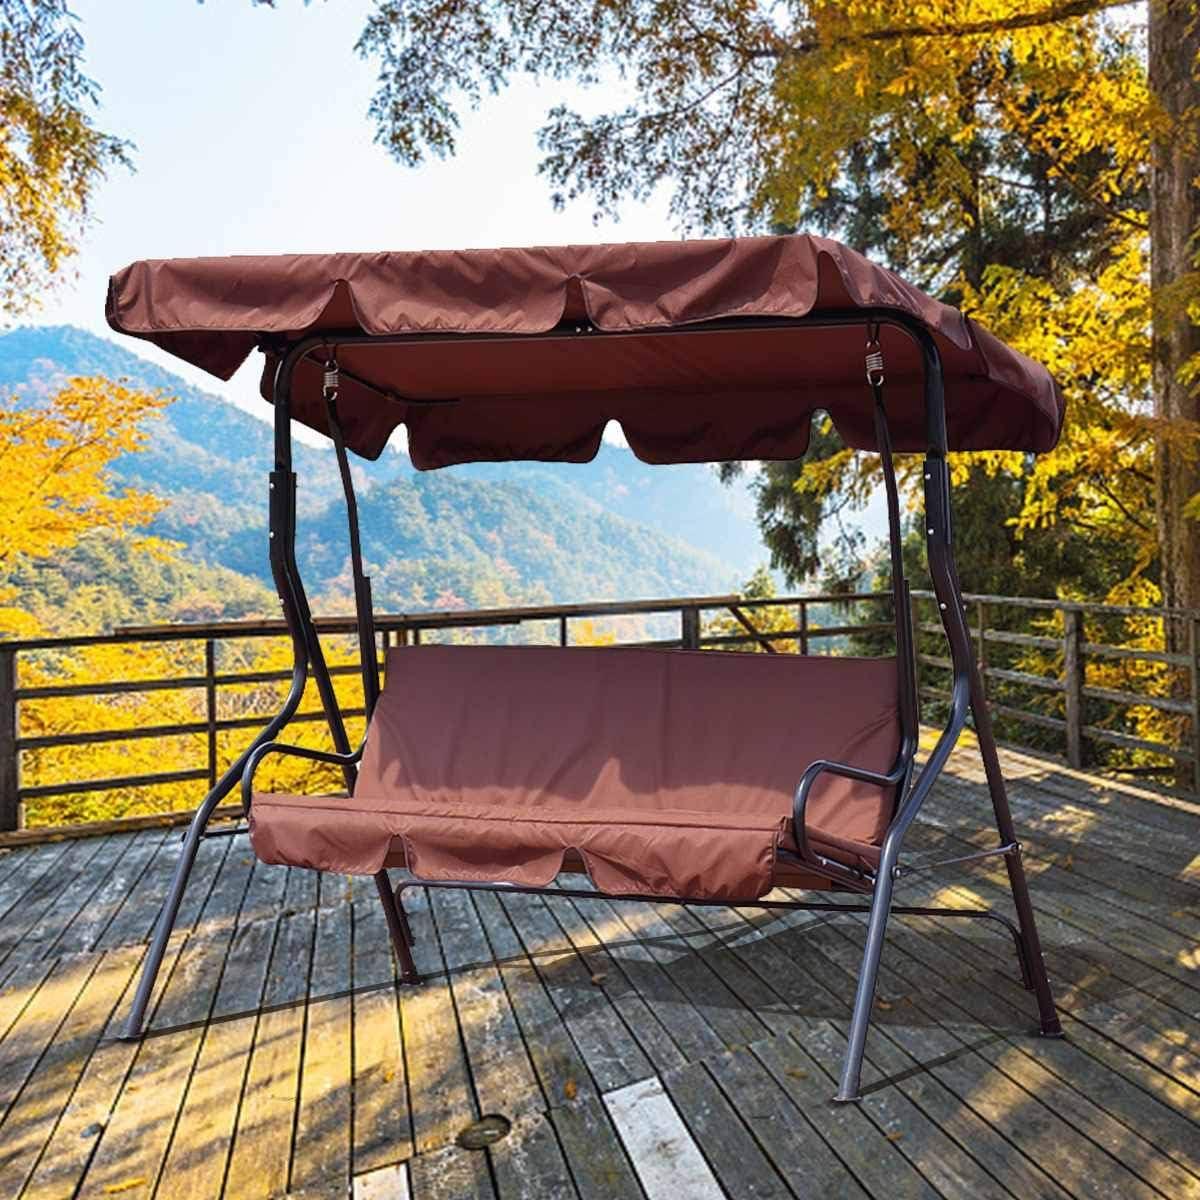 Wenhu 3 Asientos Resistente a los Rayos UV Jardín Columpio Silla Cubierta Sombra Vela Polvo/Impermeable Patio al Aire Libre Hamaca Carpa Columpio Cubierta Superior,Marrón: Amazon.es: Deportes y aire libre